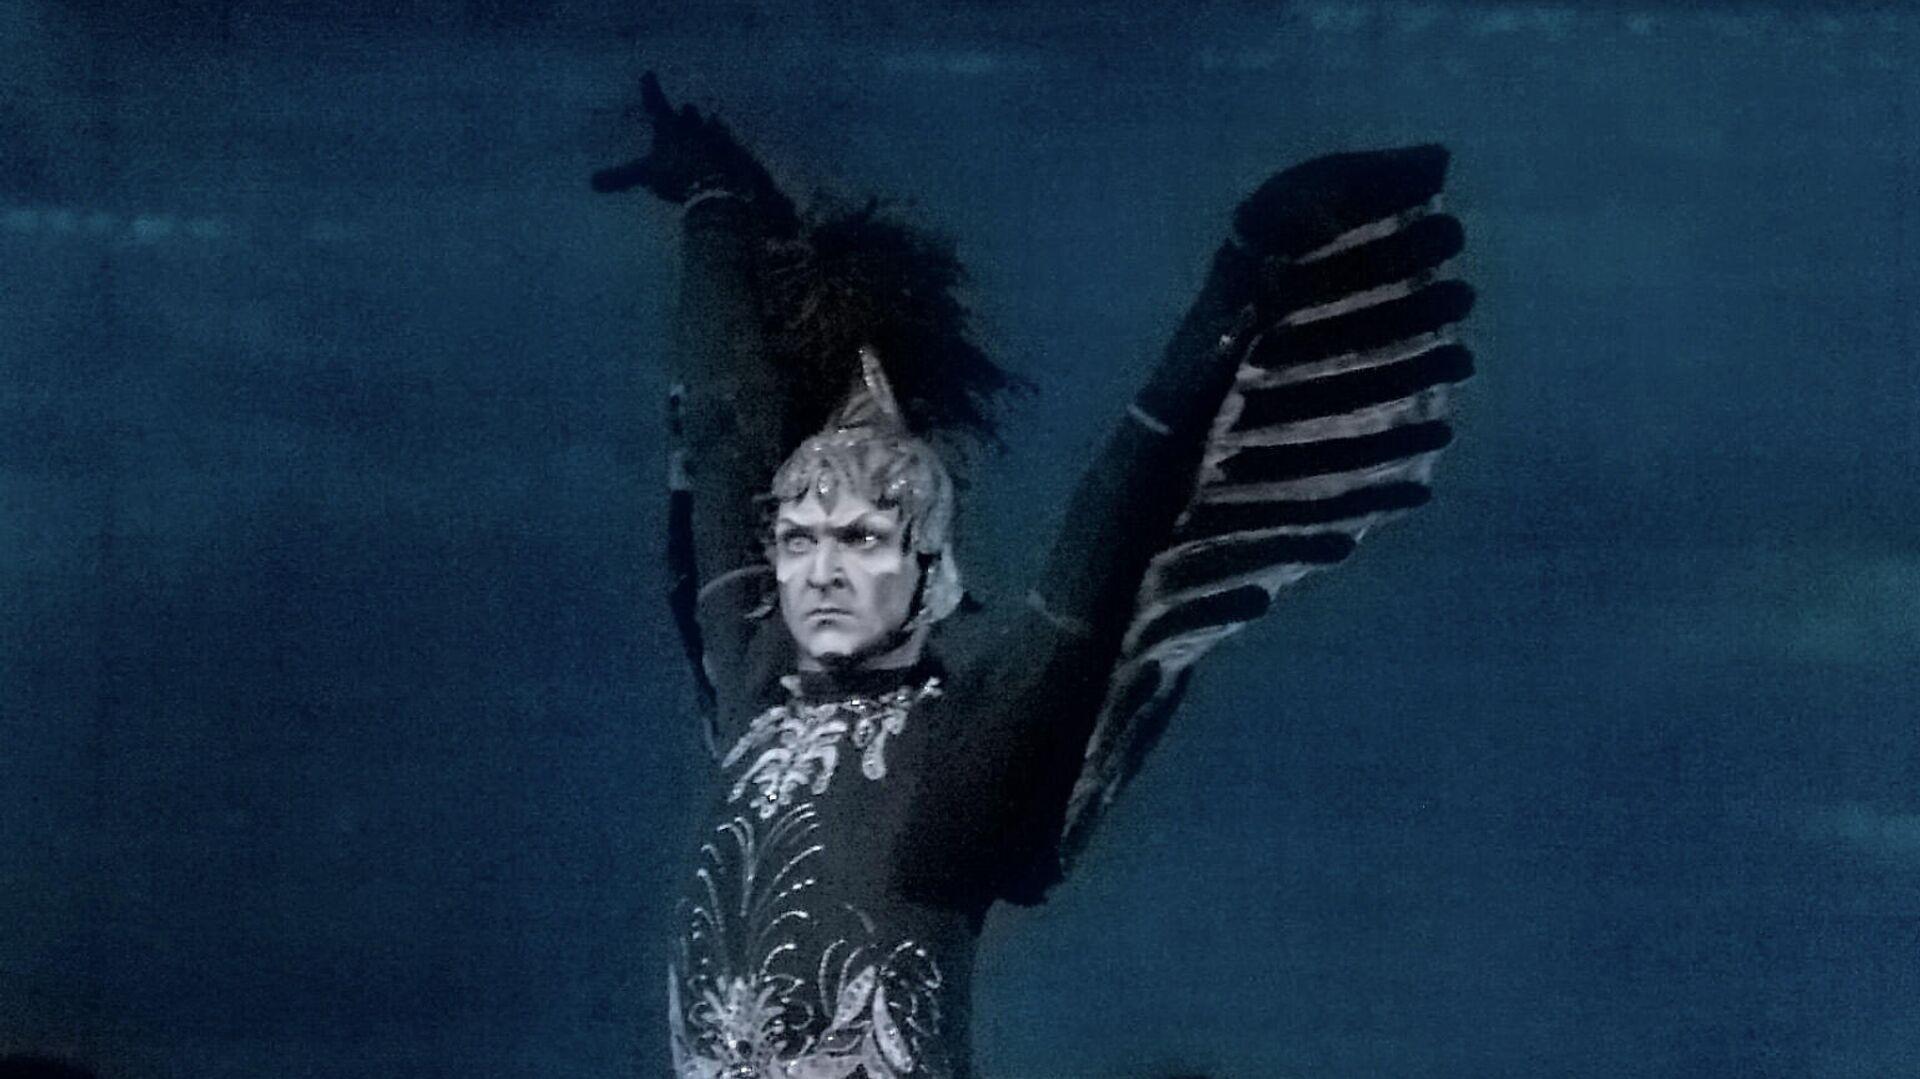 Ротбард - злой волшебник (Илья Кузнецов) в сцене из балета Петра Чайковского Лебединое озеро. - РИА Новости, 1920, 04.10.2019